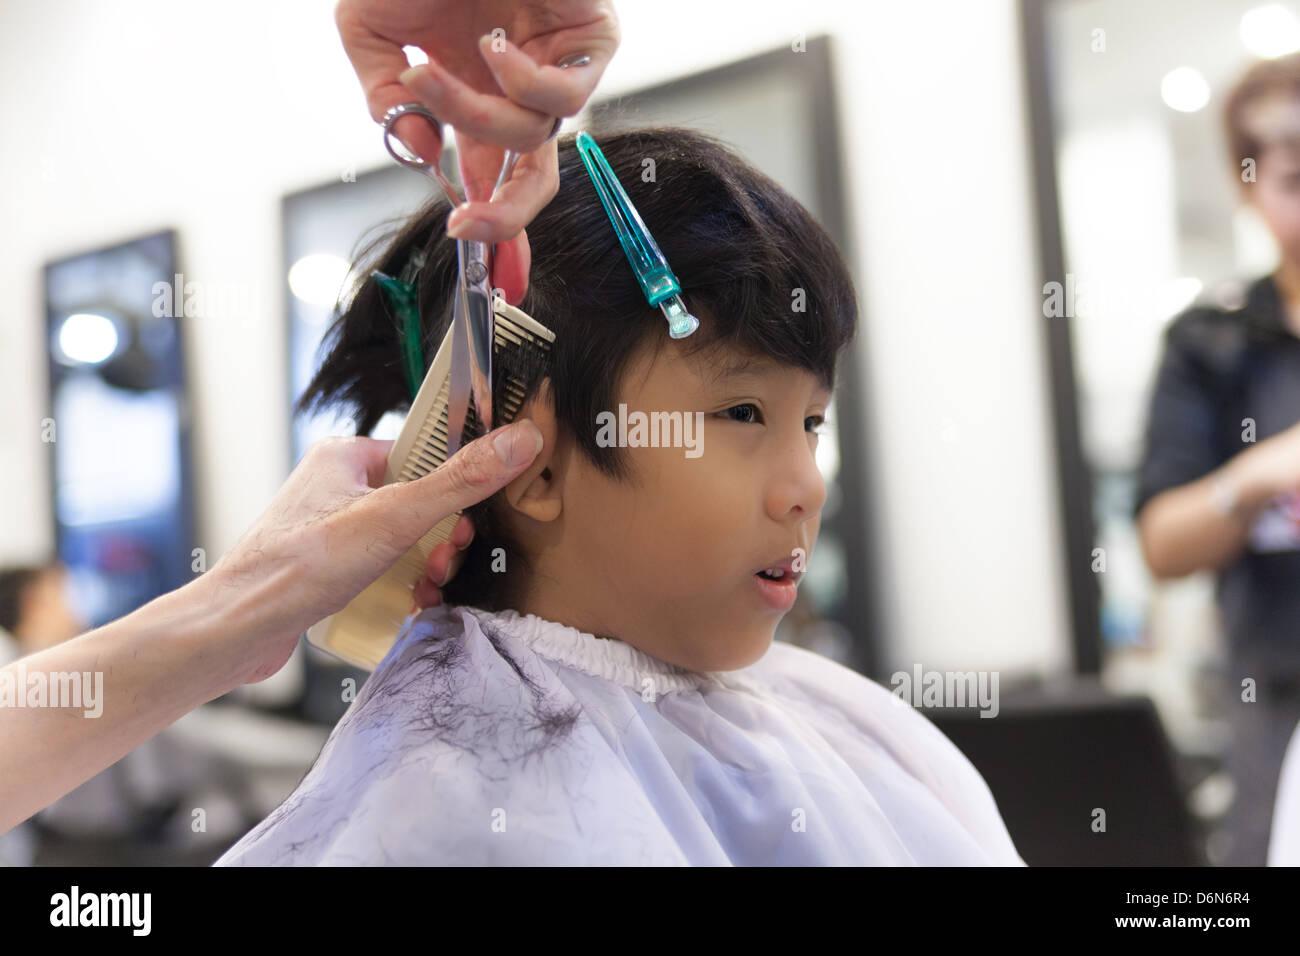 Un Jeune Garcon Se Coupe Au Salon De Coiffure Banque D Images Photo